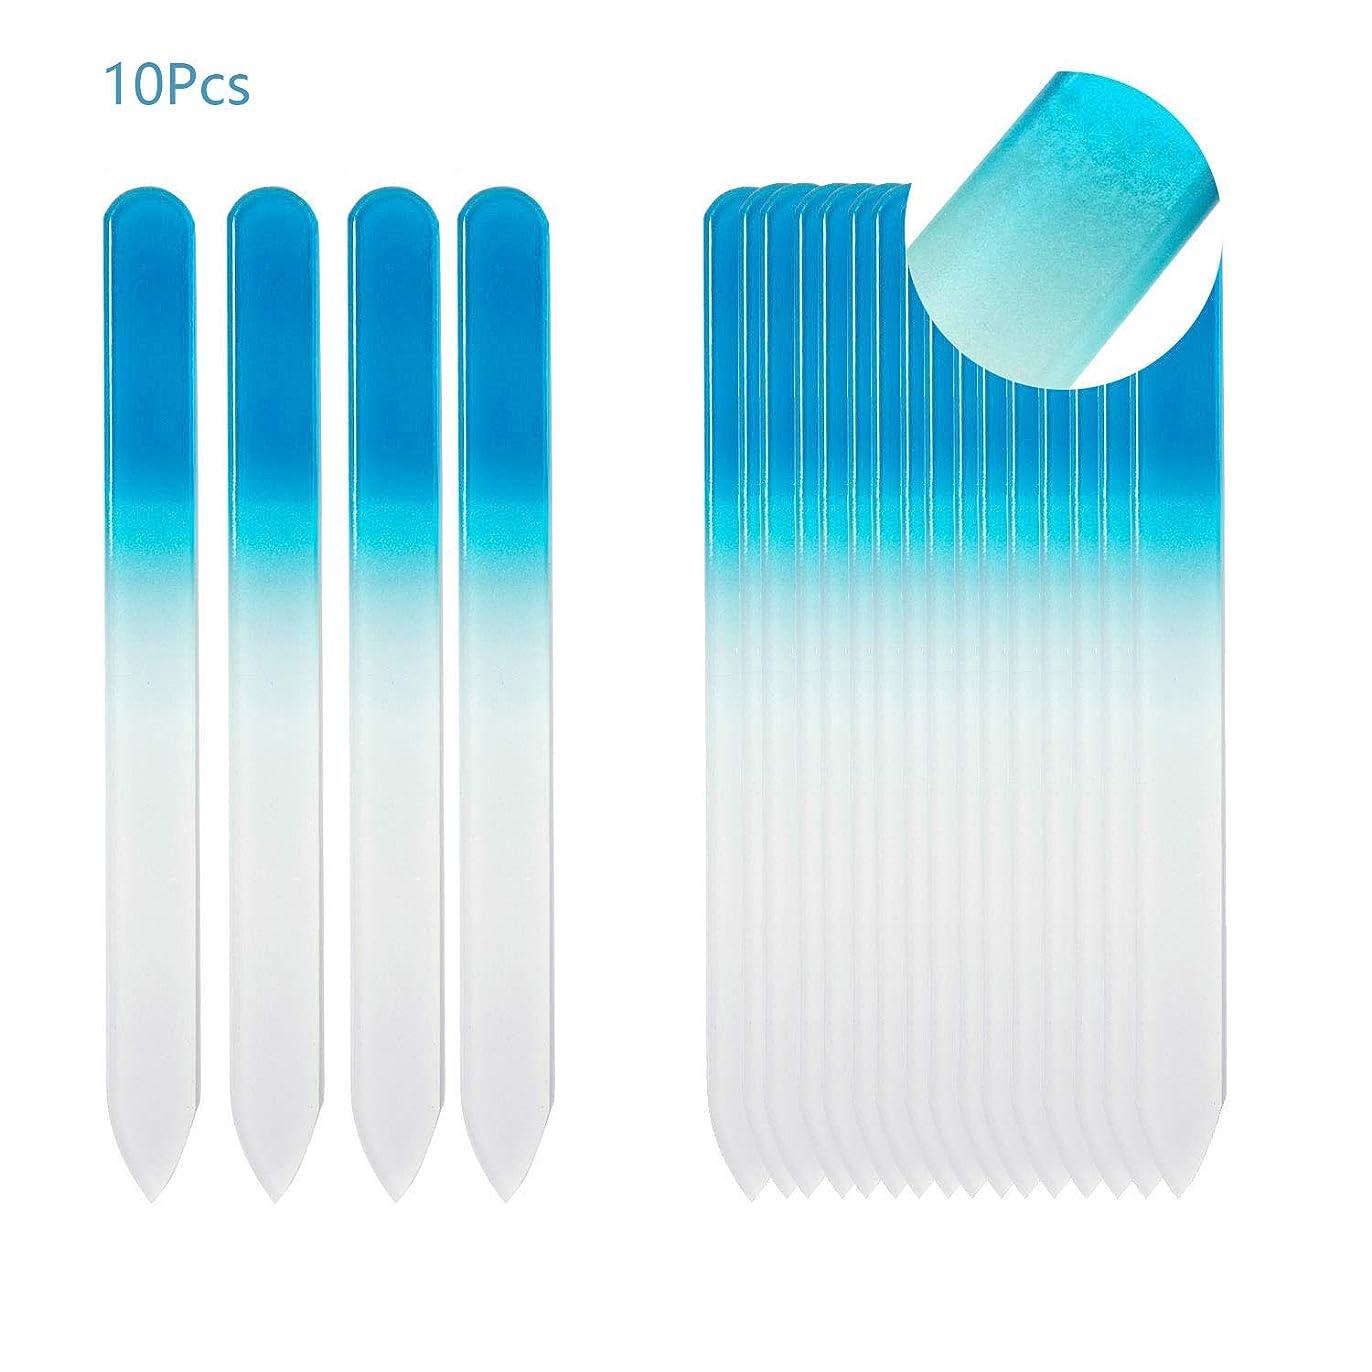 部分適性ポイント爪やすり ガラスファイル グラスファイル 何度でも再利用 ネイル用品 ジェルネイル